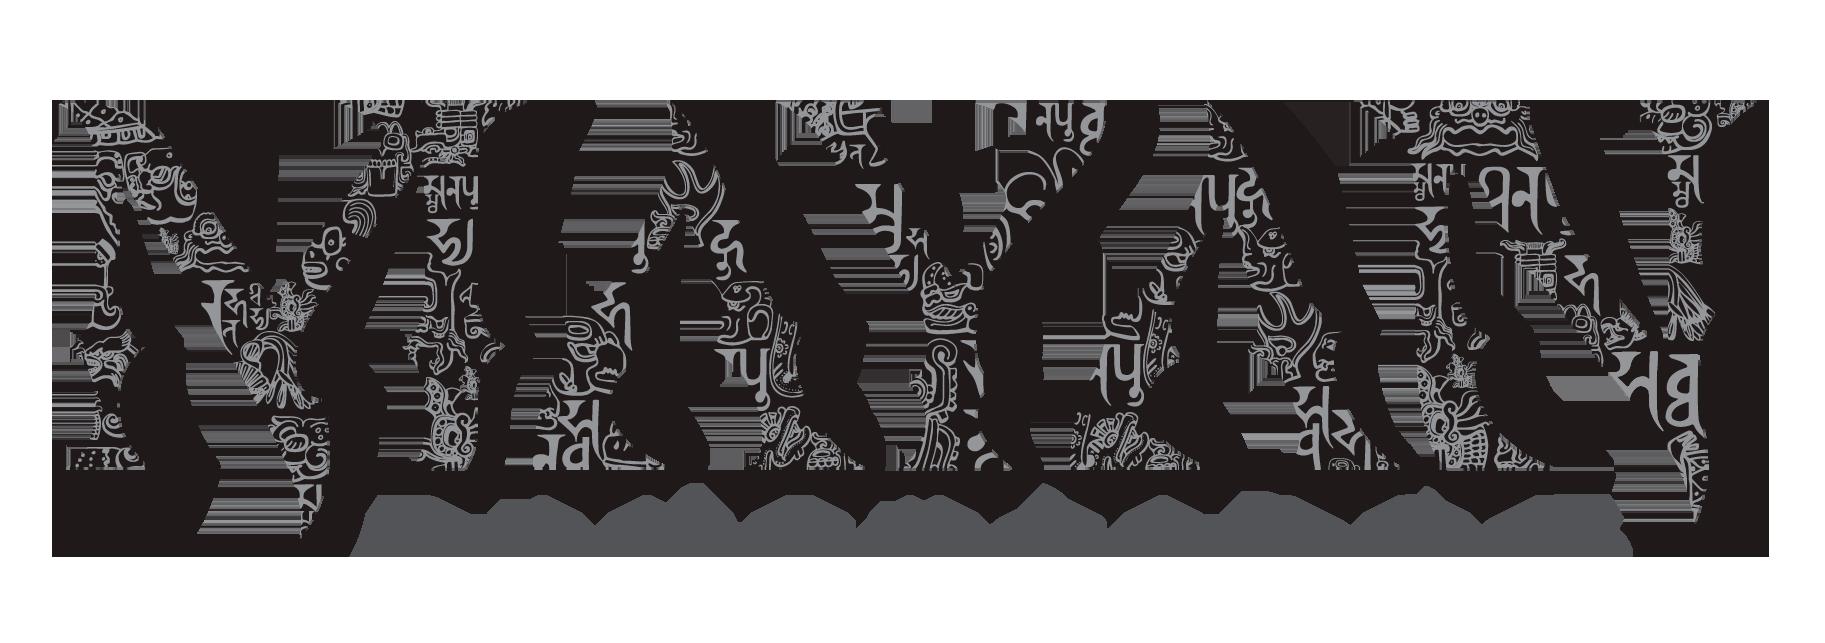 mayan dimensions